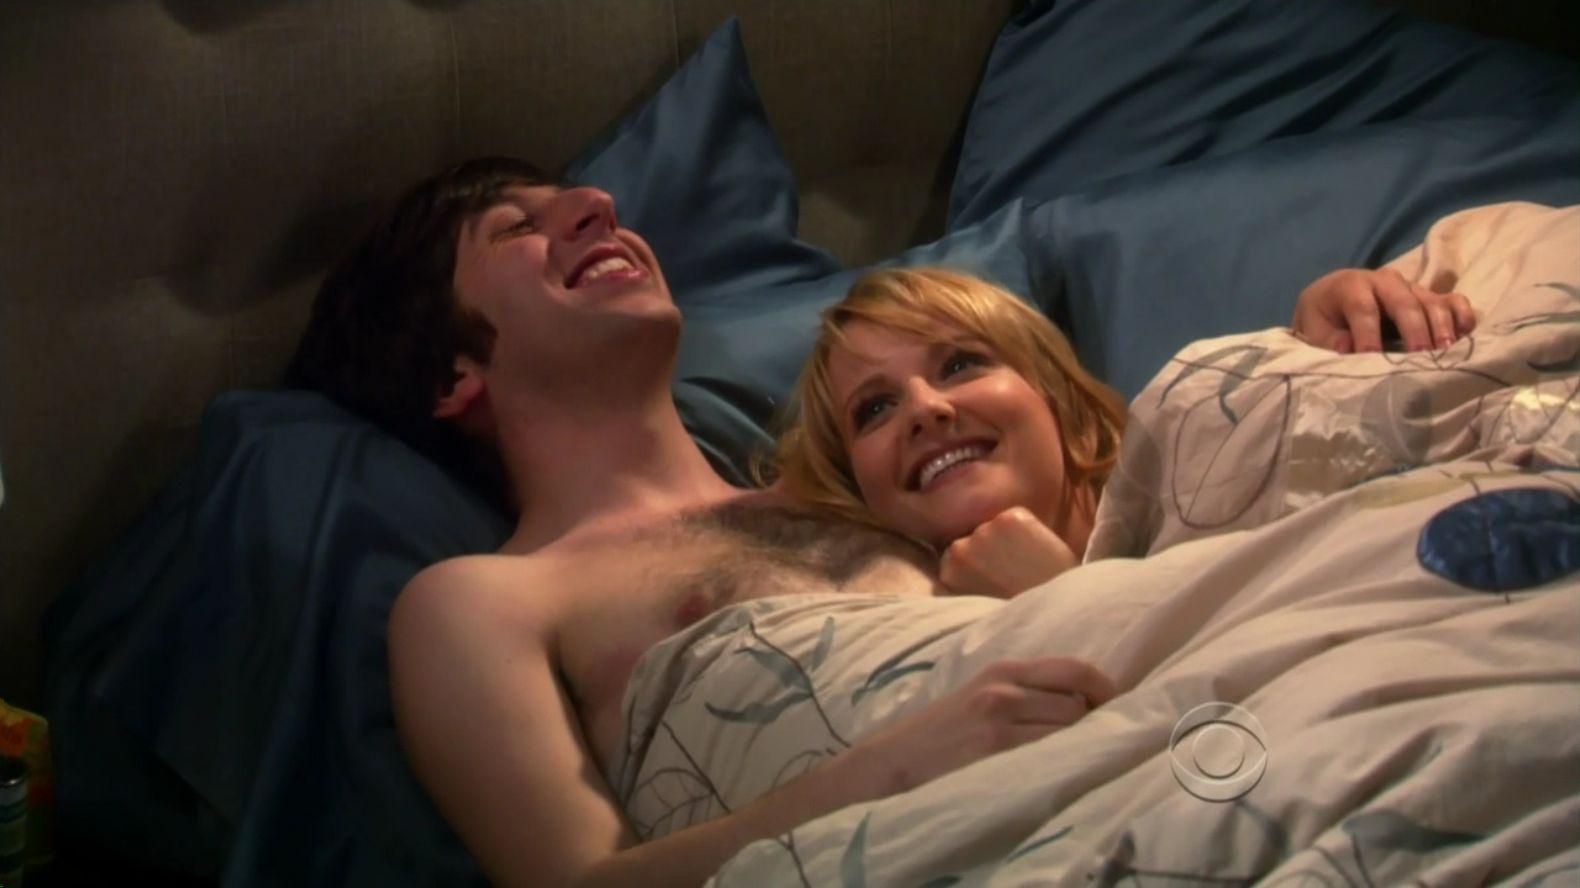 The Cohabitation Formulation - Howard and Bernadette Image